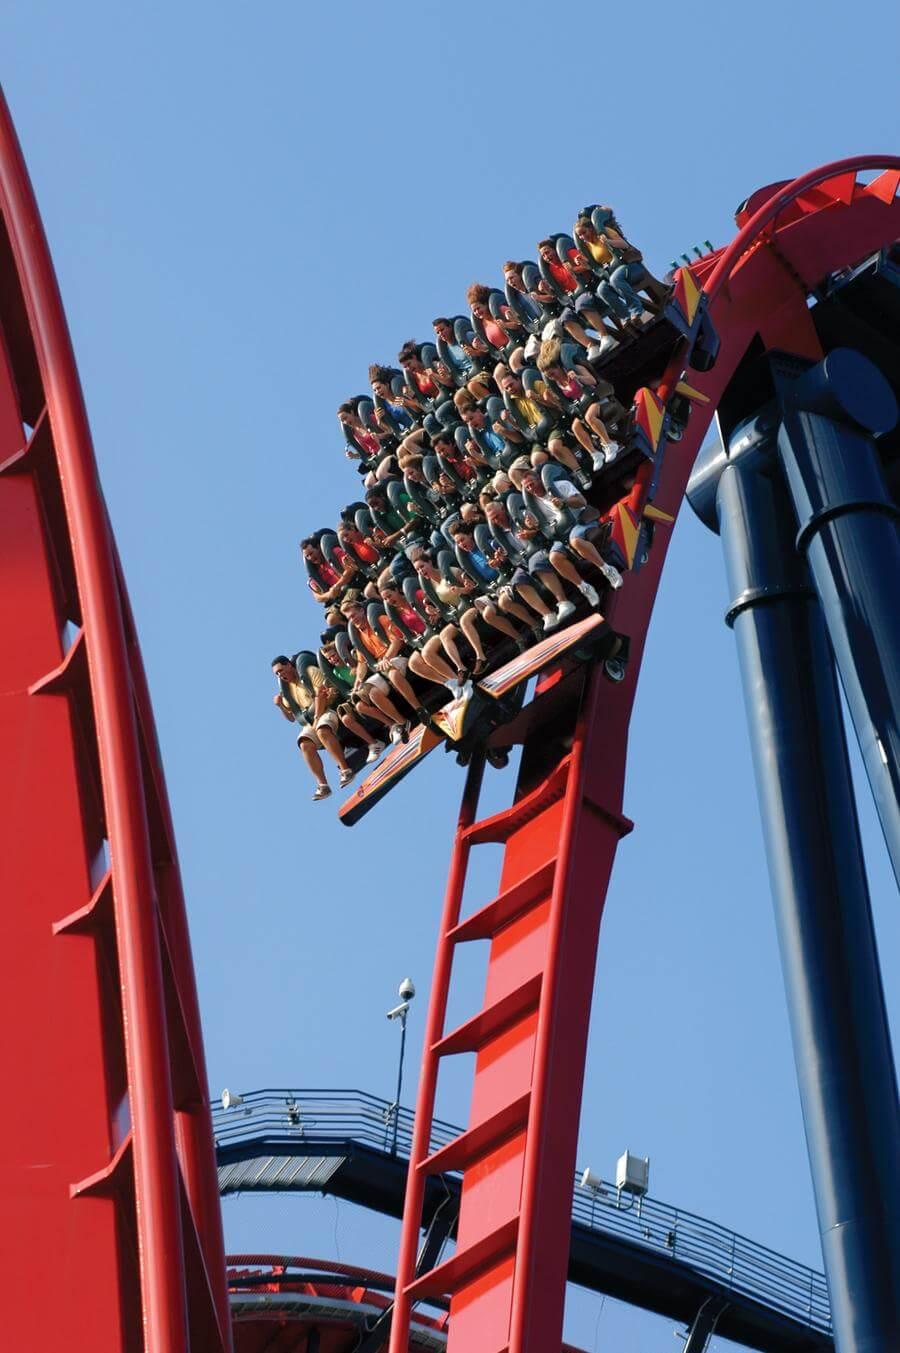 Busch gardens tampa discount tickets seaworld orlando parks - Busch gardens tampa roller coasters ...